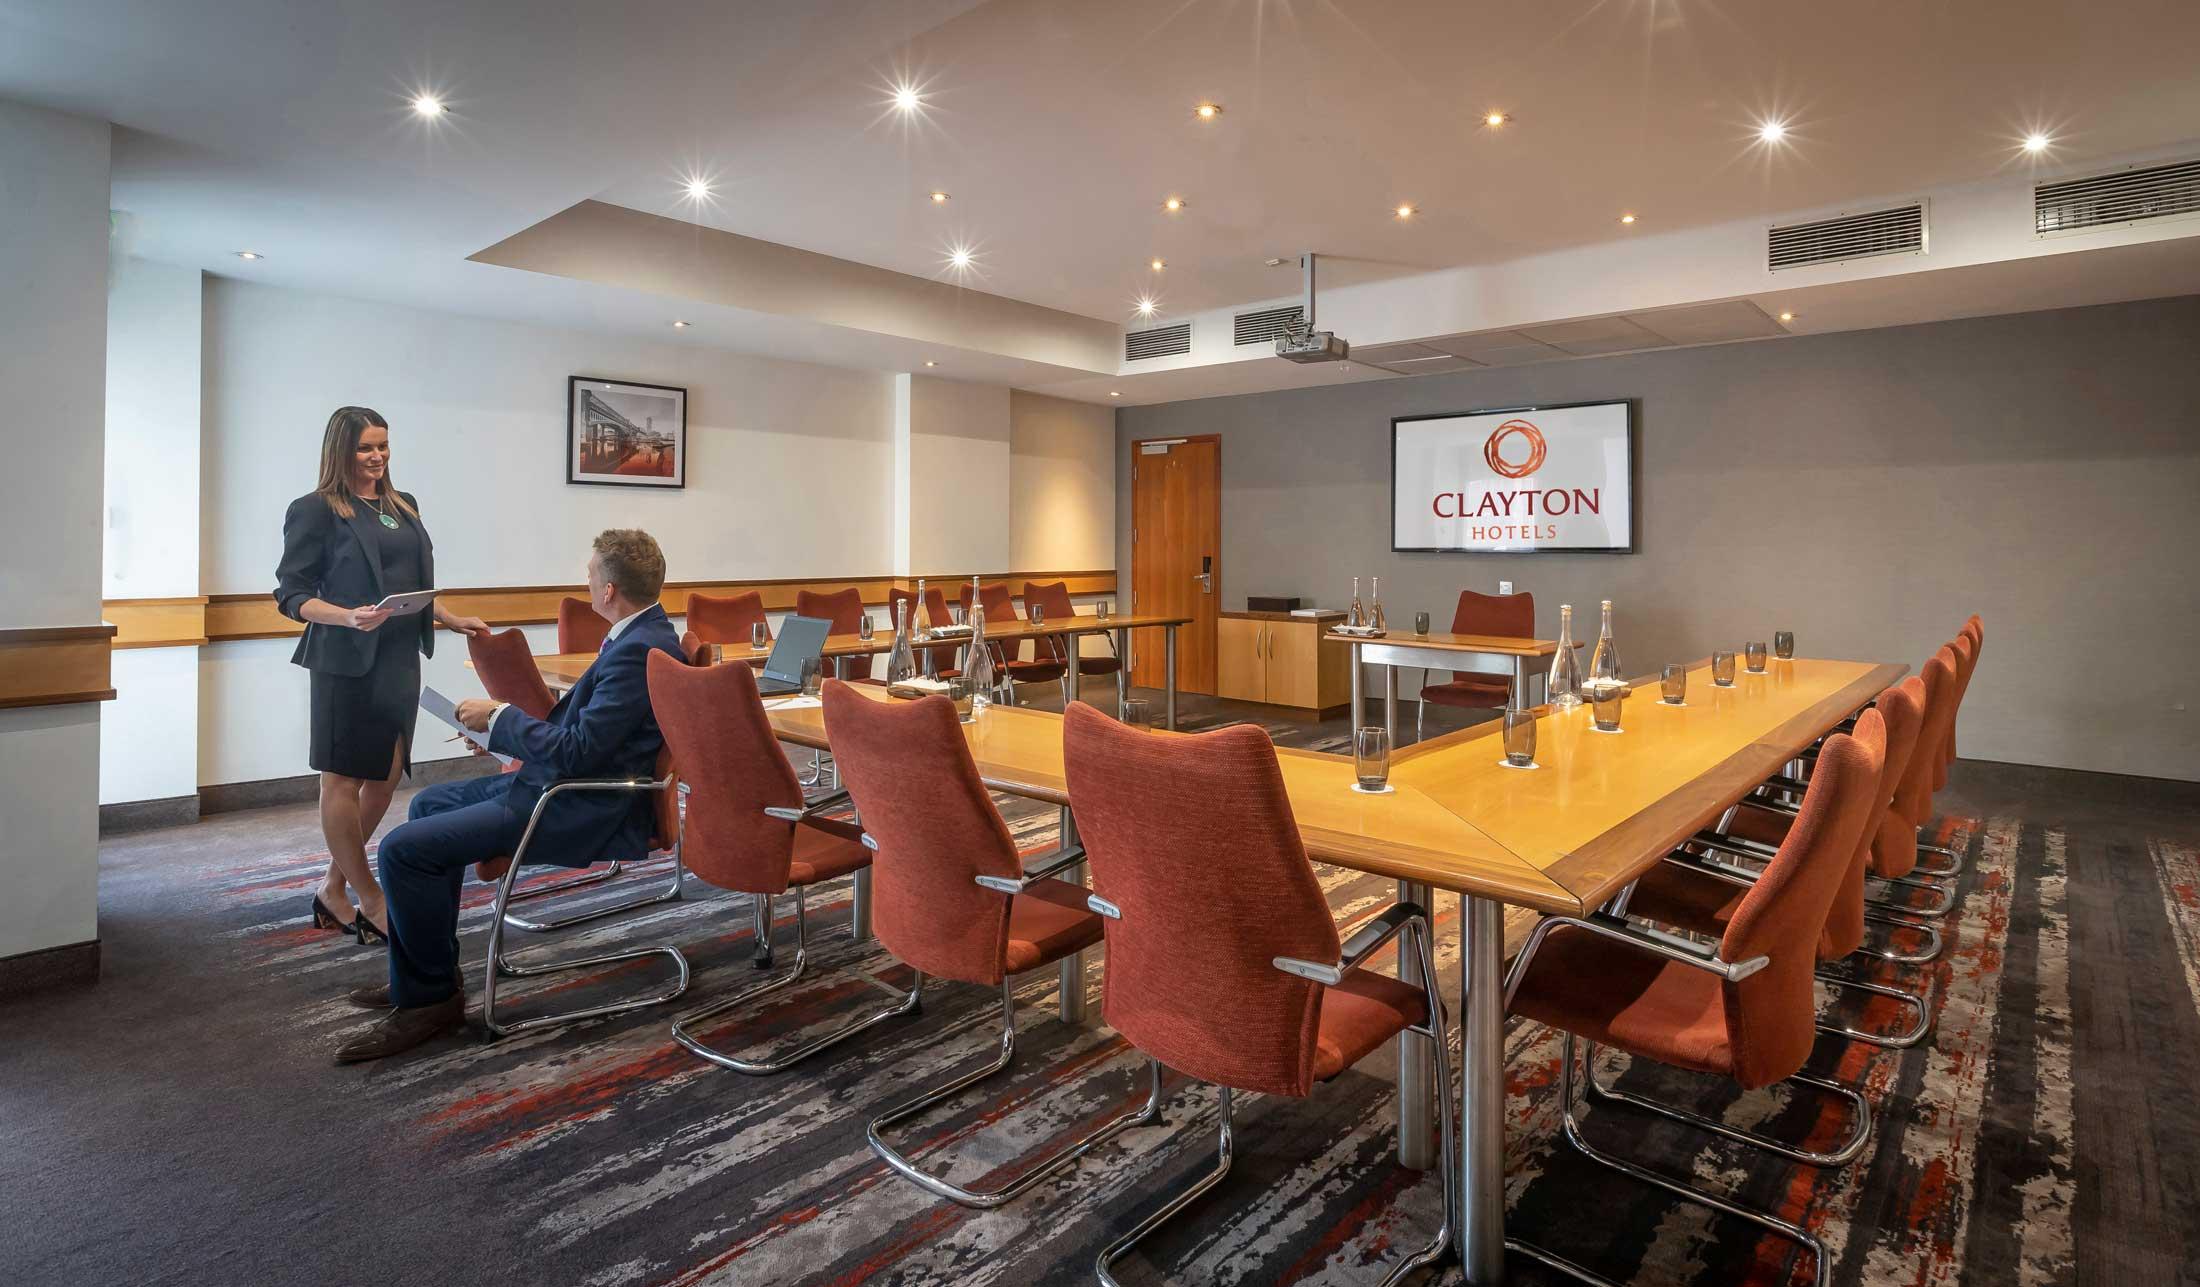 U-shape meeting rooms